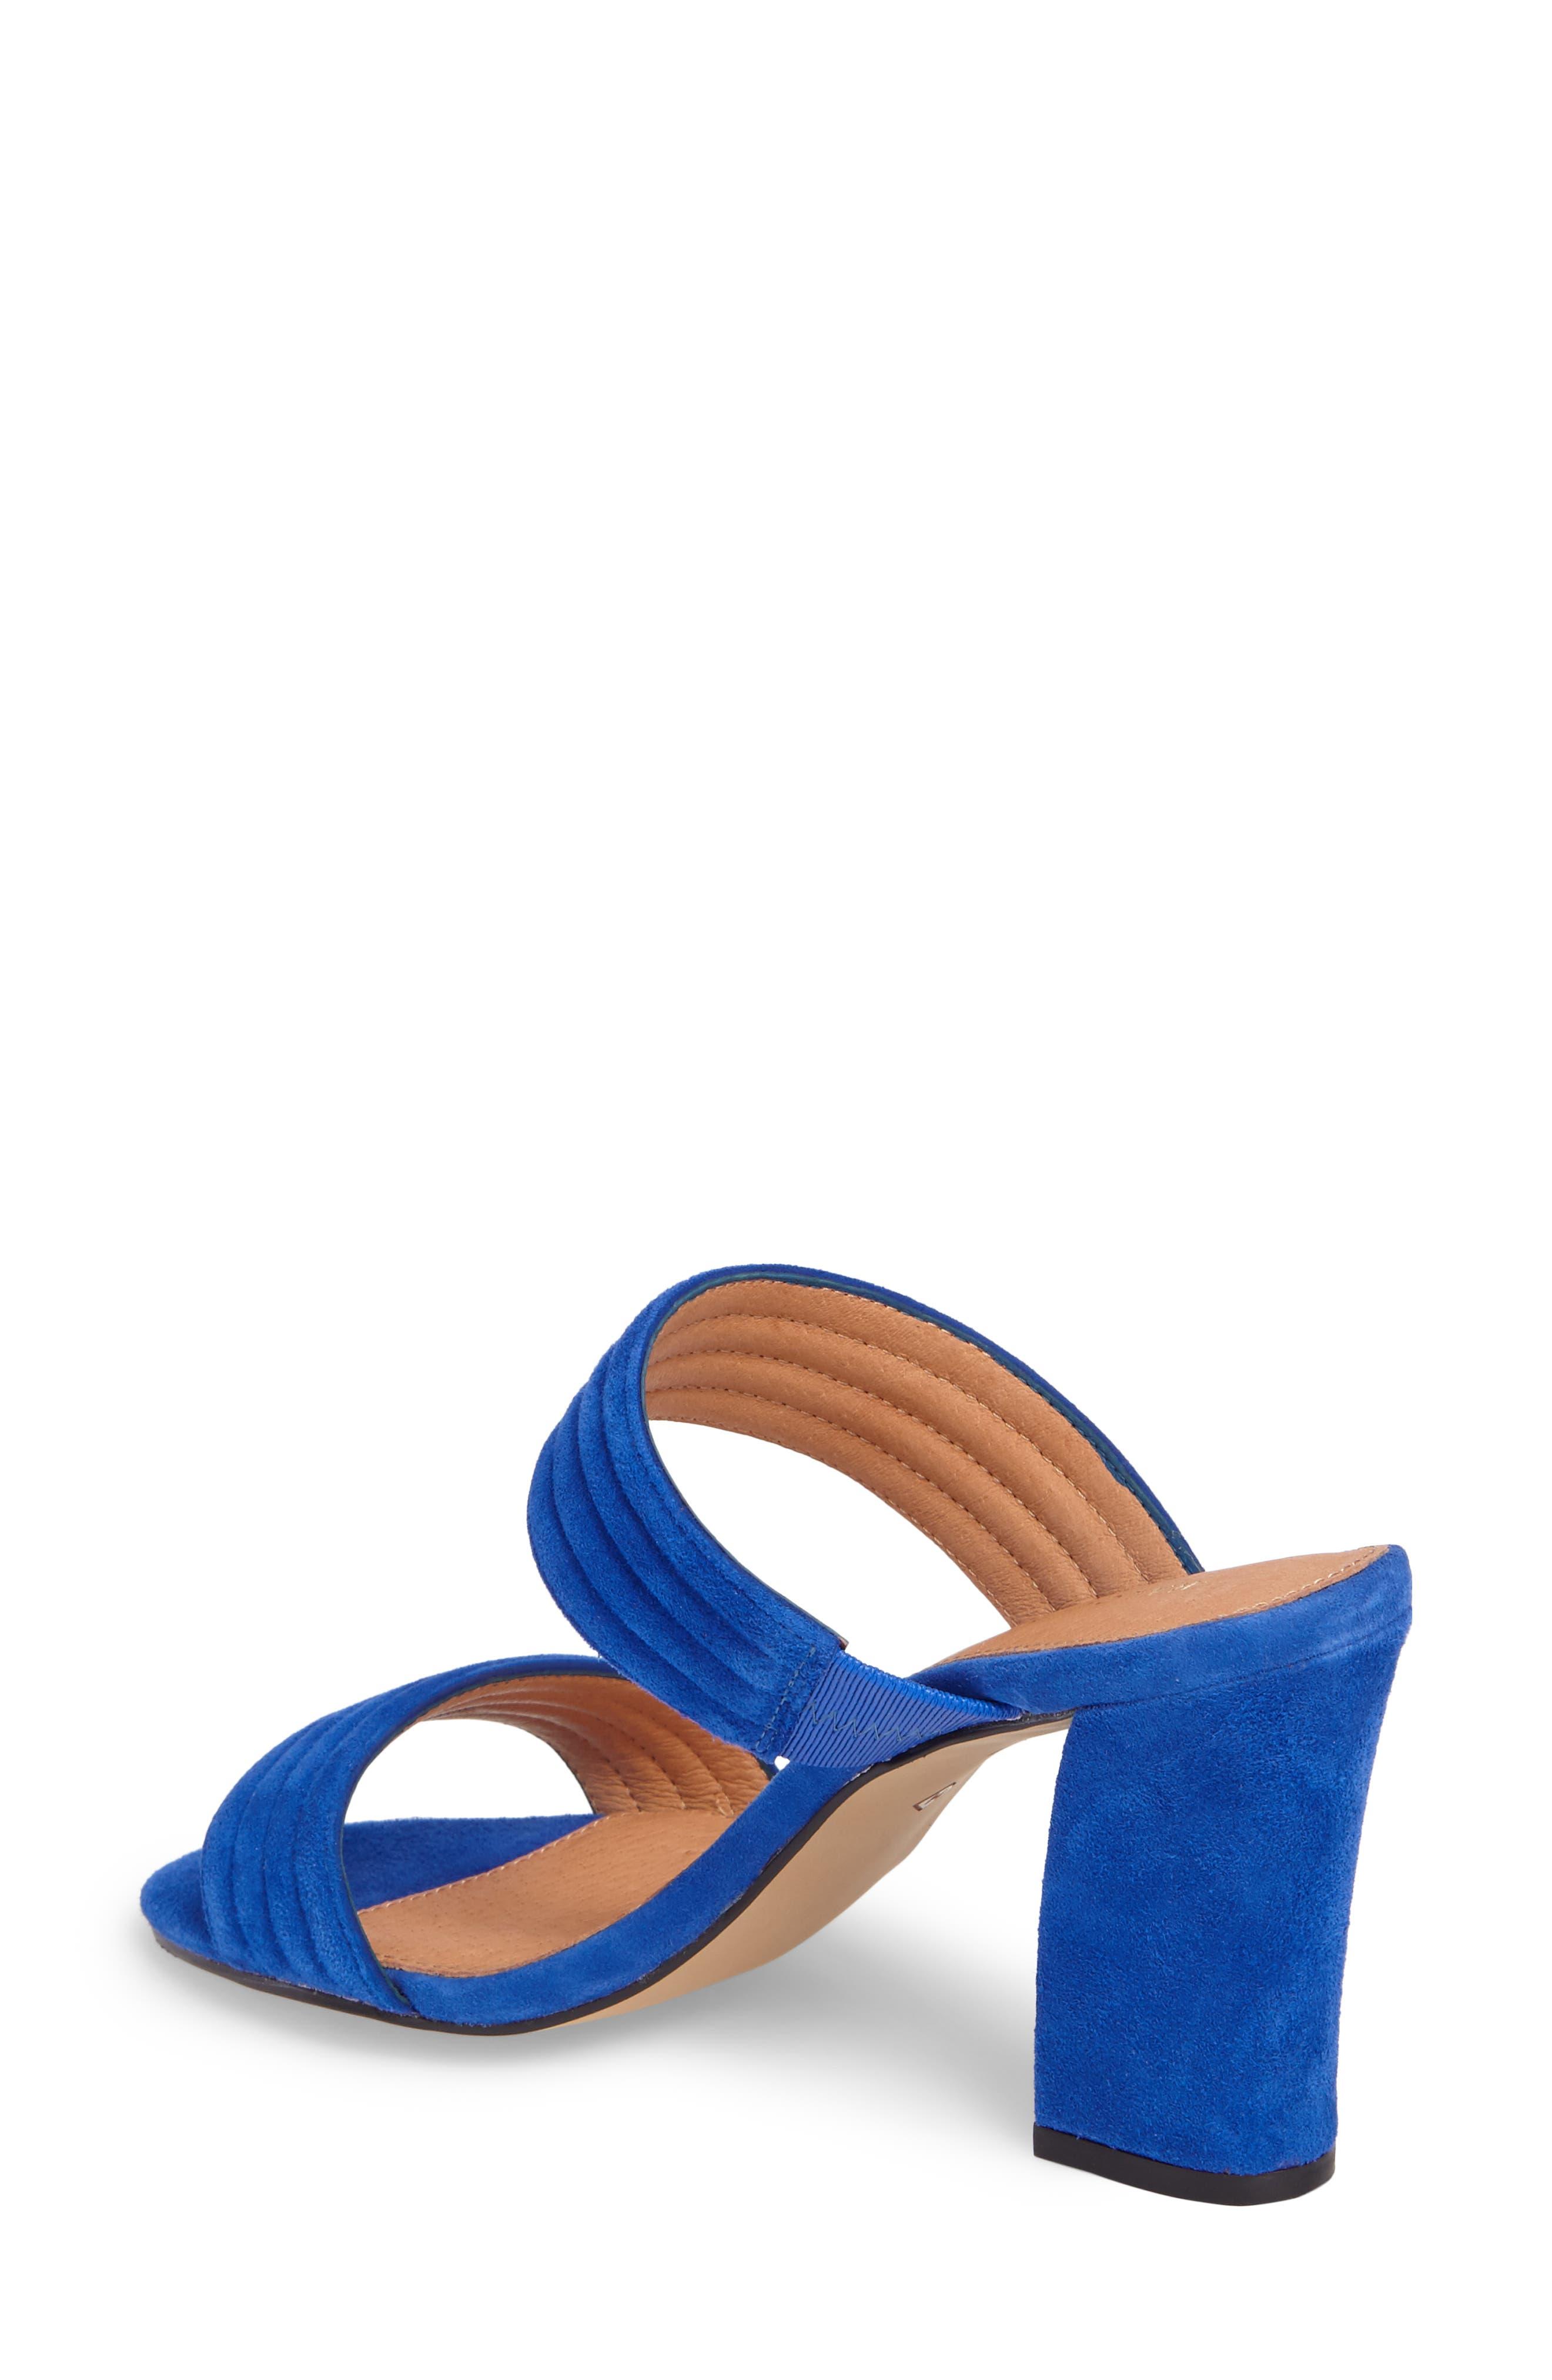 Della Slide Sandal,                             Alternate thumbnail 2, color,                             Cobalt Suede